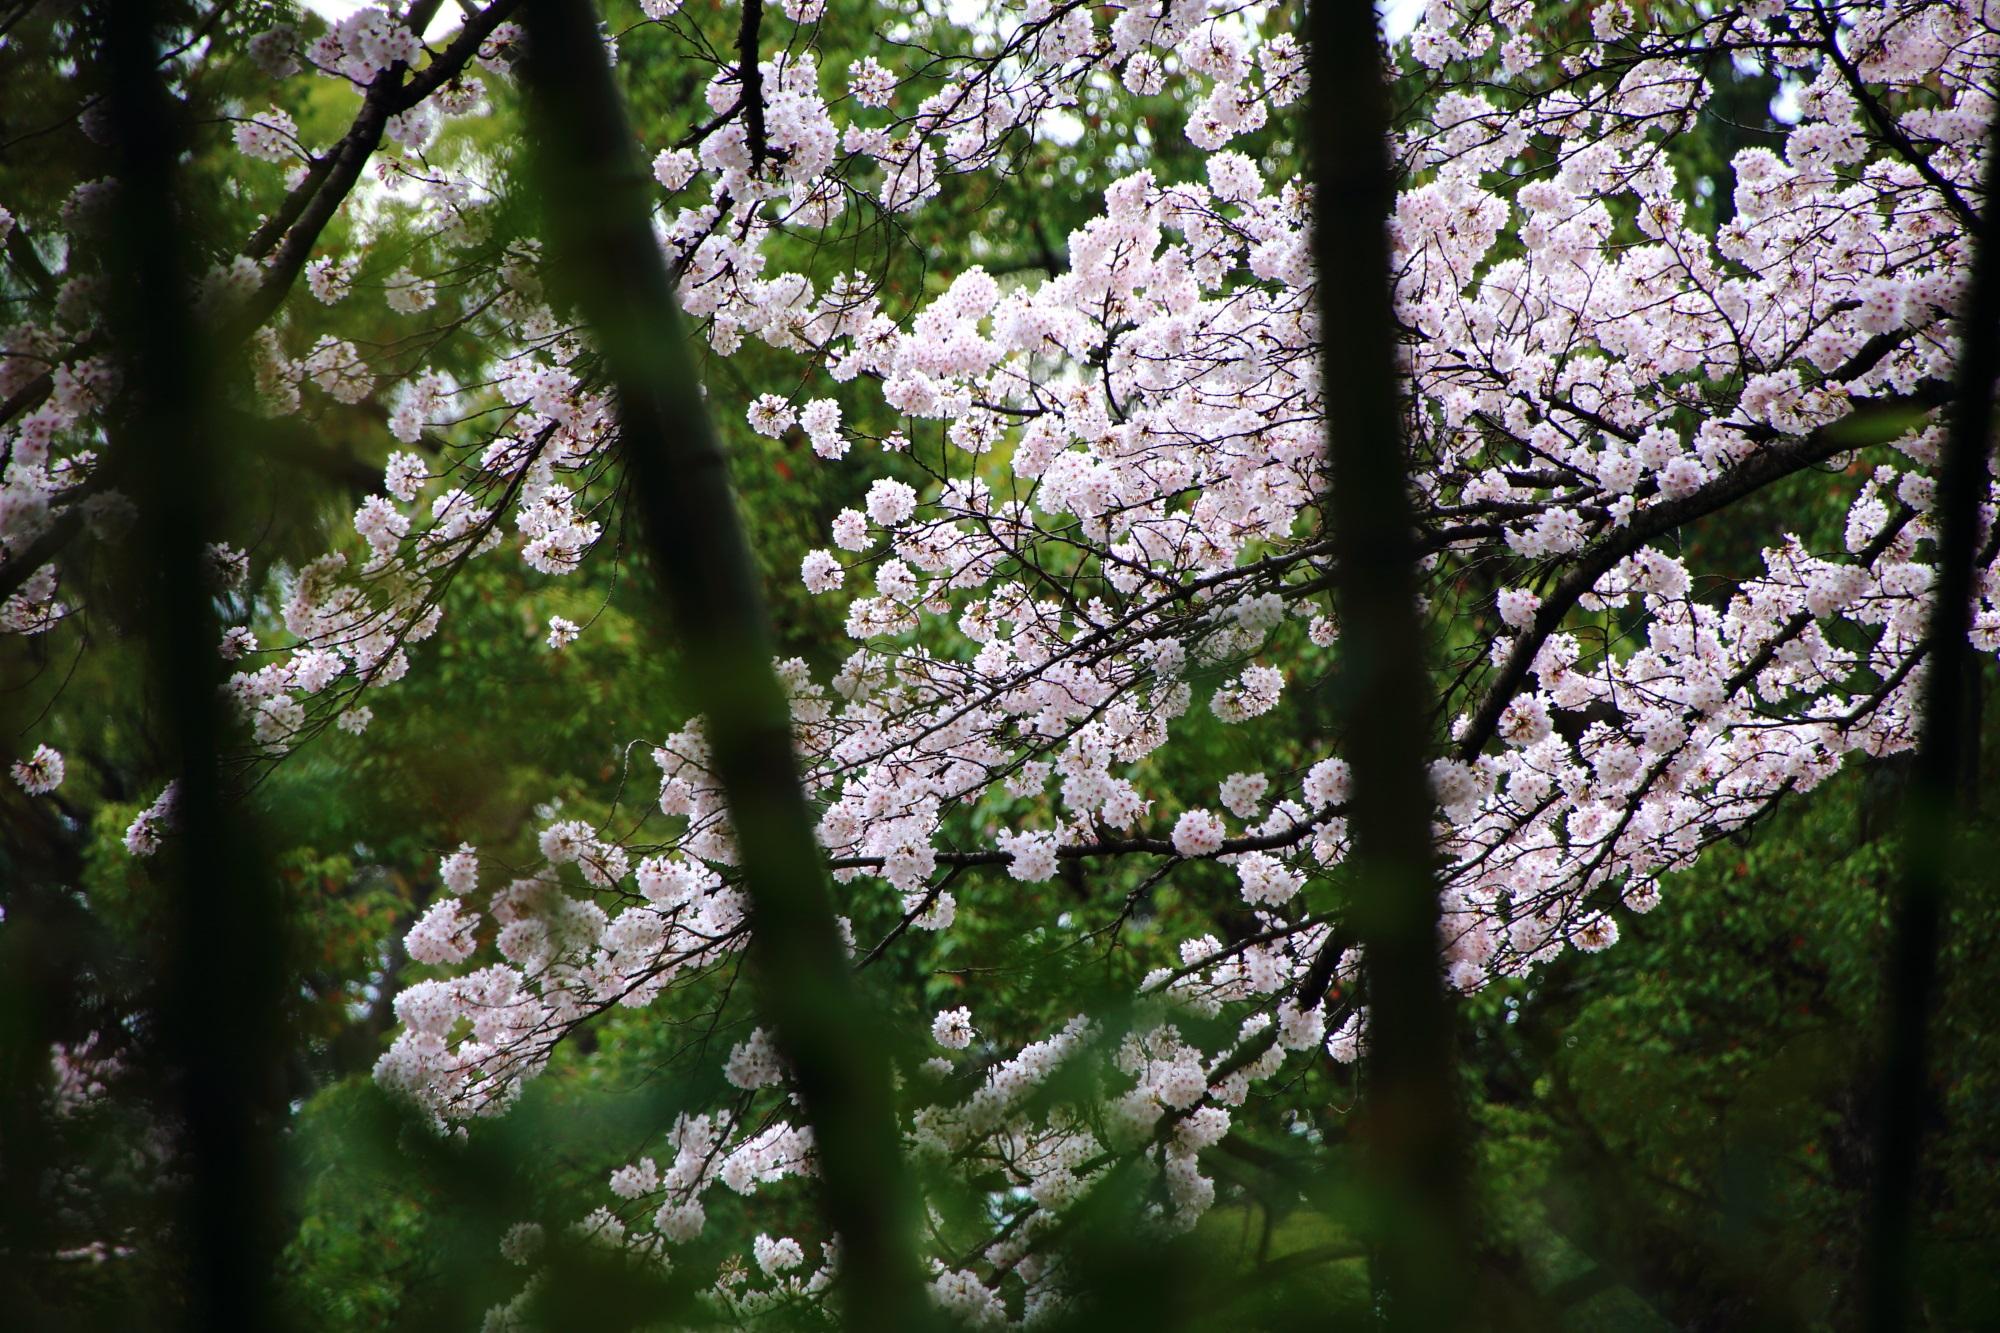 絵になる桜と竹の春の風景